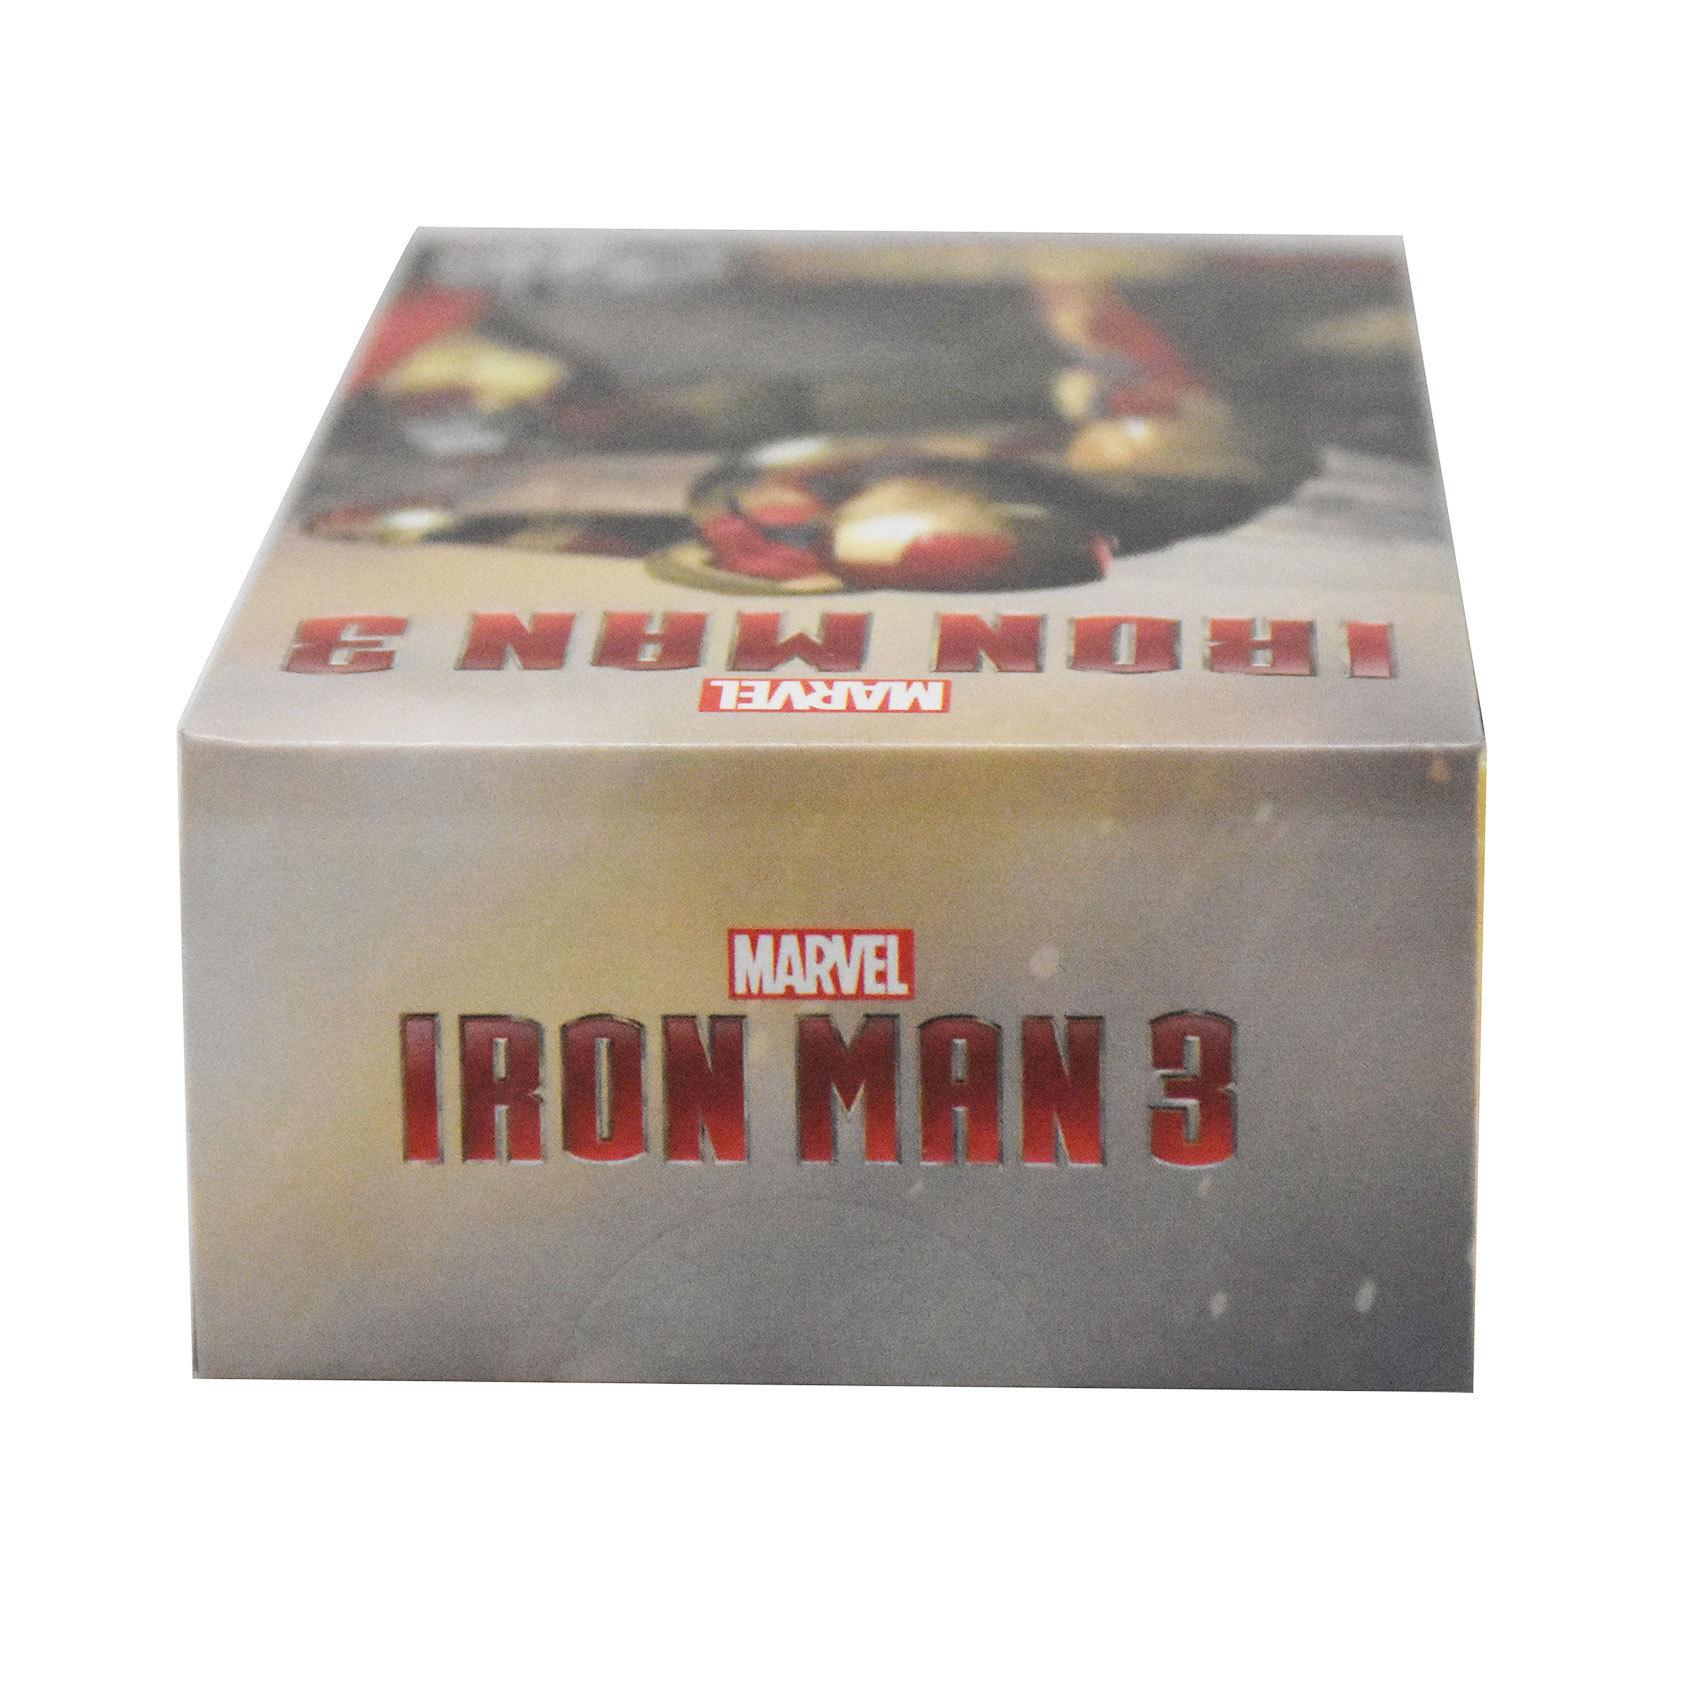 MARVEL IRON MAN 3 50ML